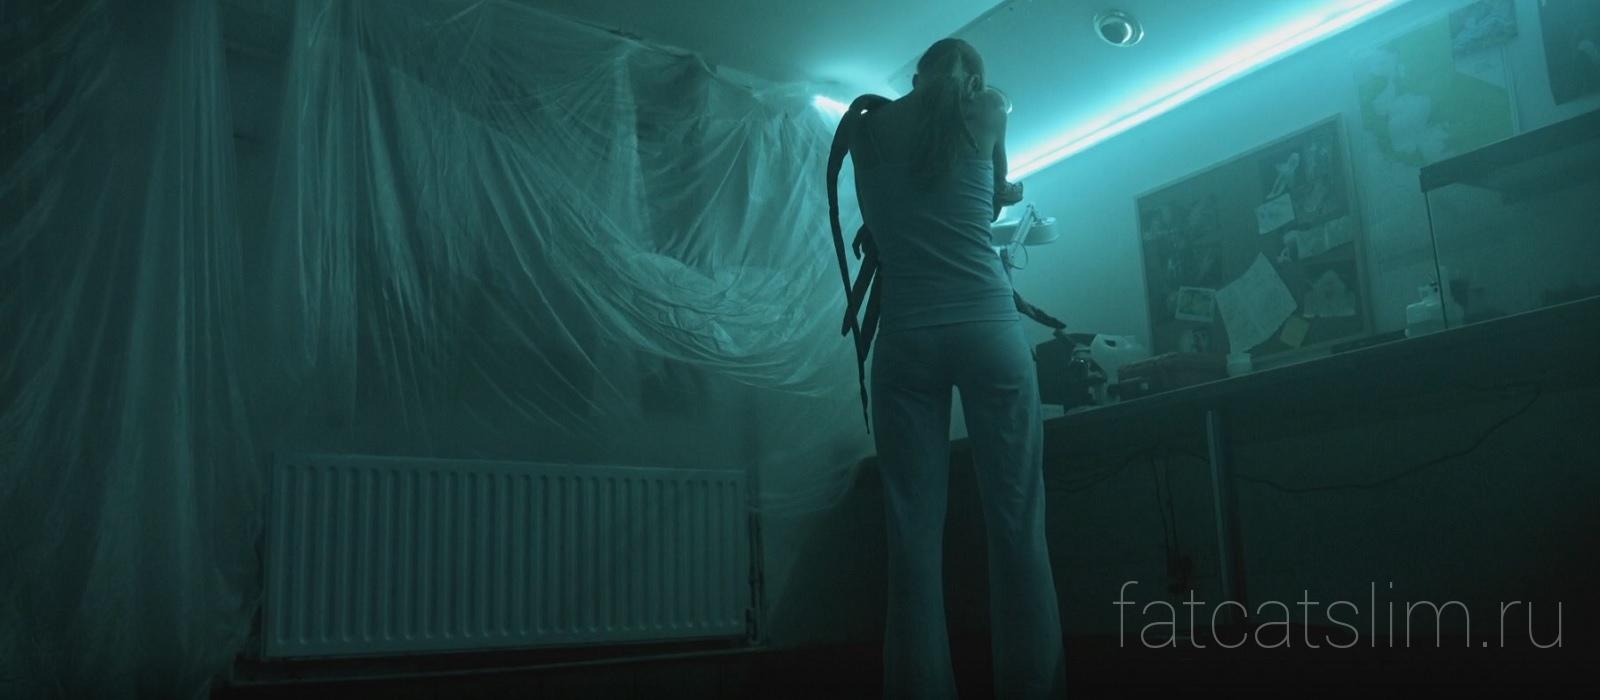 Существо из бездны,The Creature Below, ужасы, хоррор, фильм ужасов, horror, кадр из фильма, Лавкрафт, Lovecraft